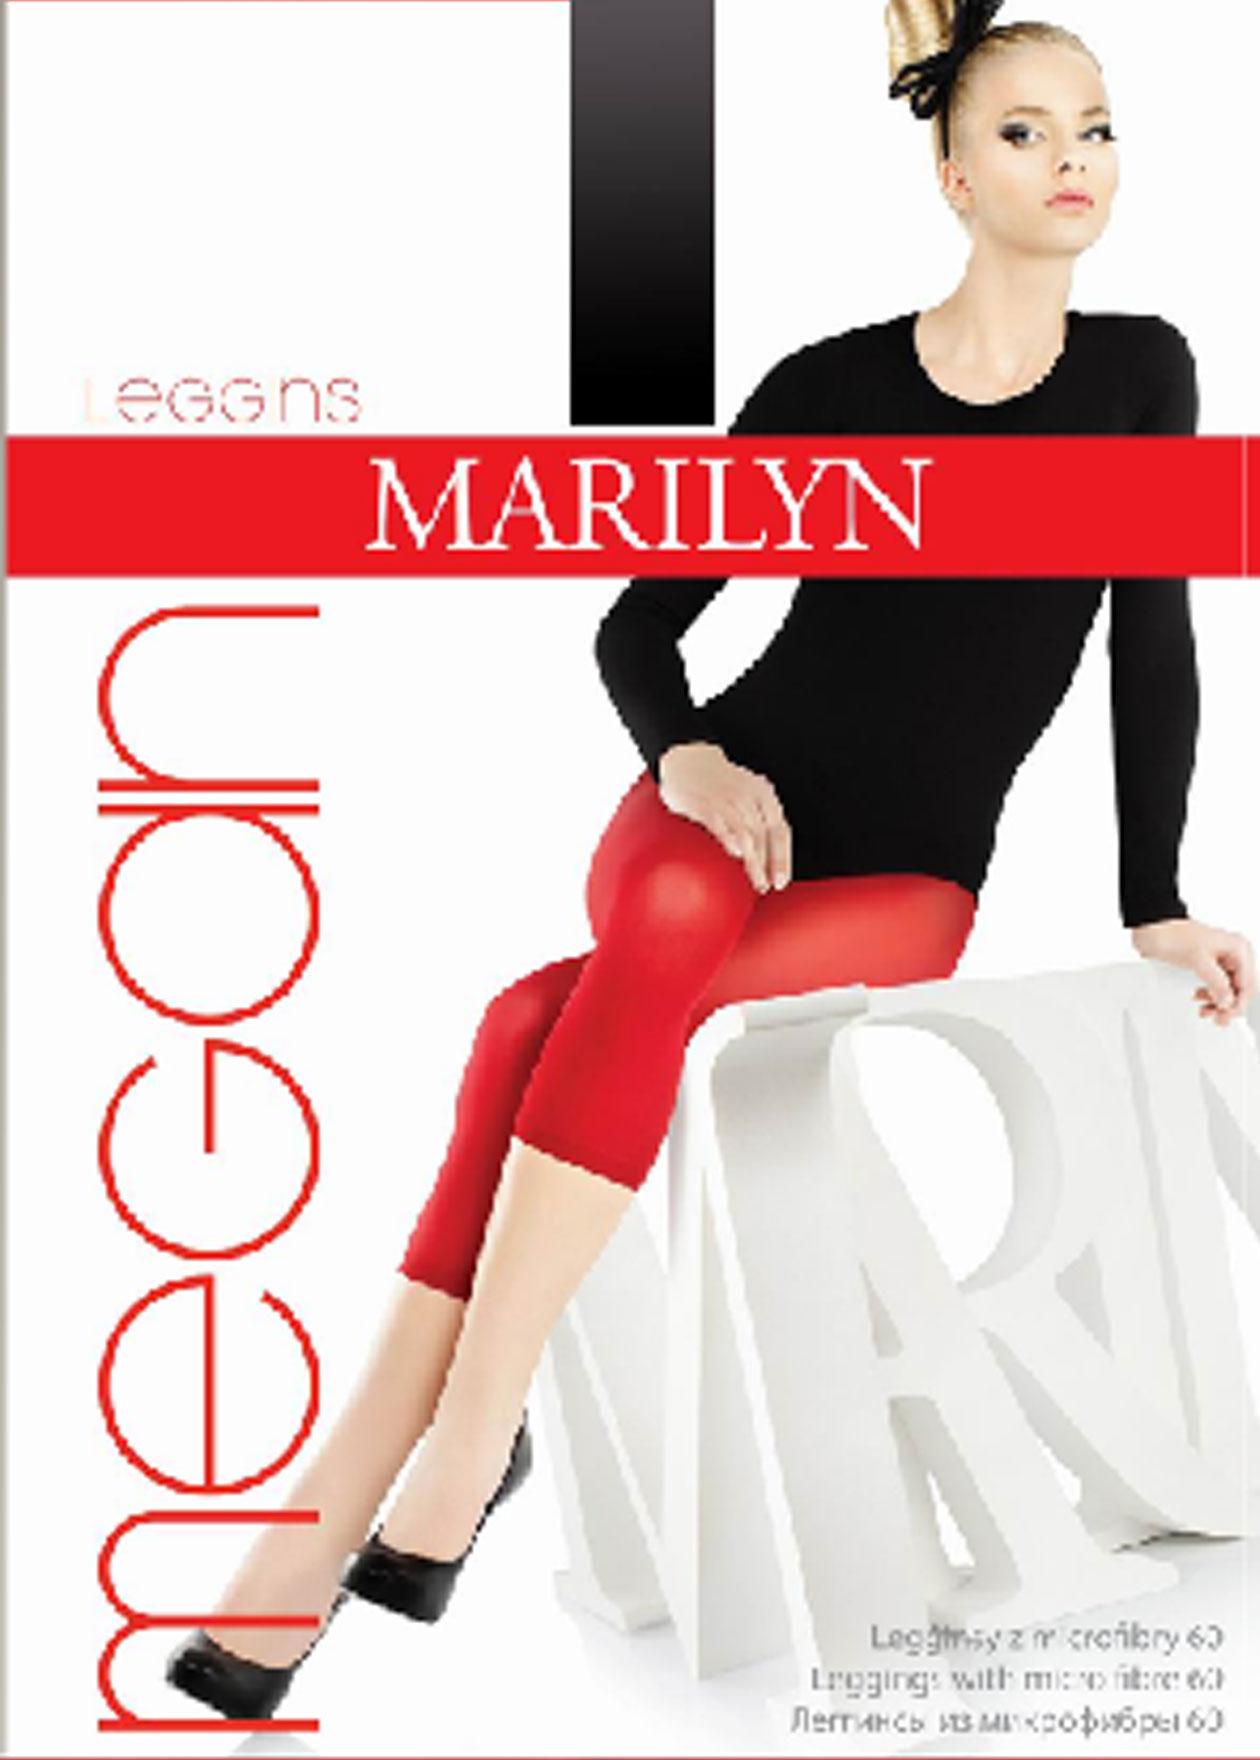 Marilyn Megan